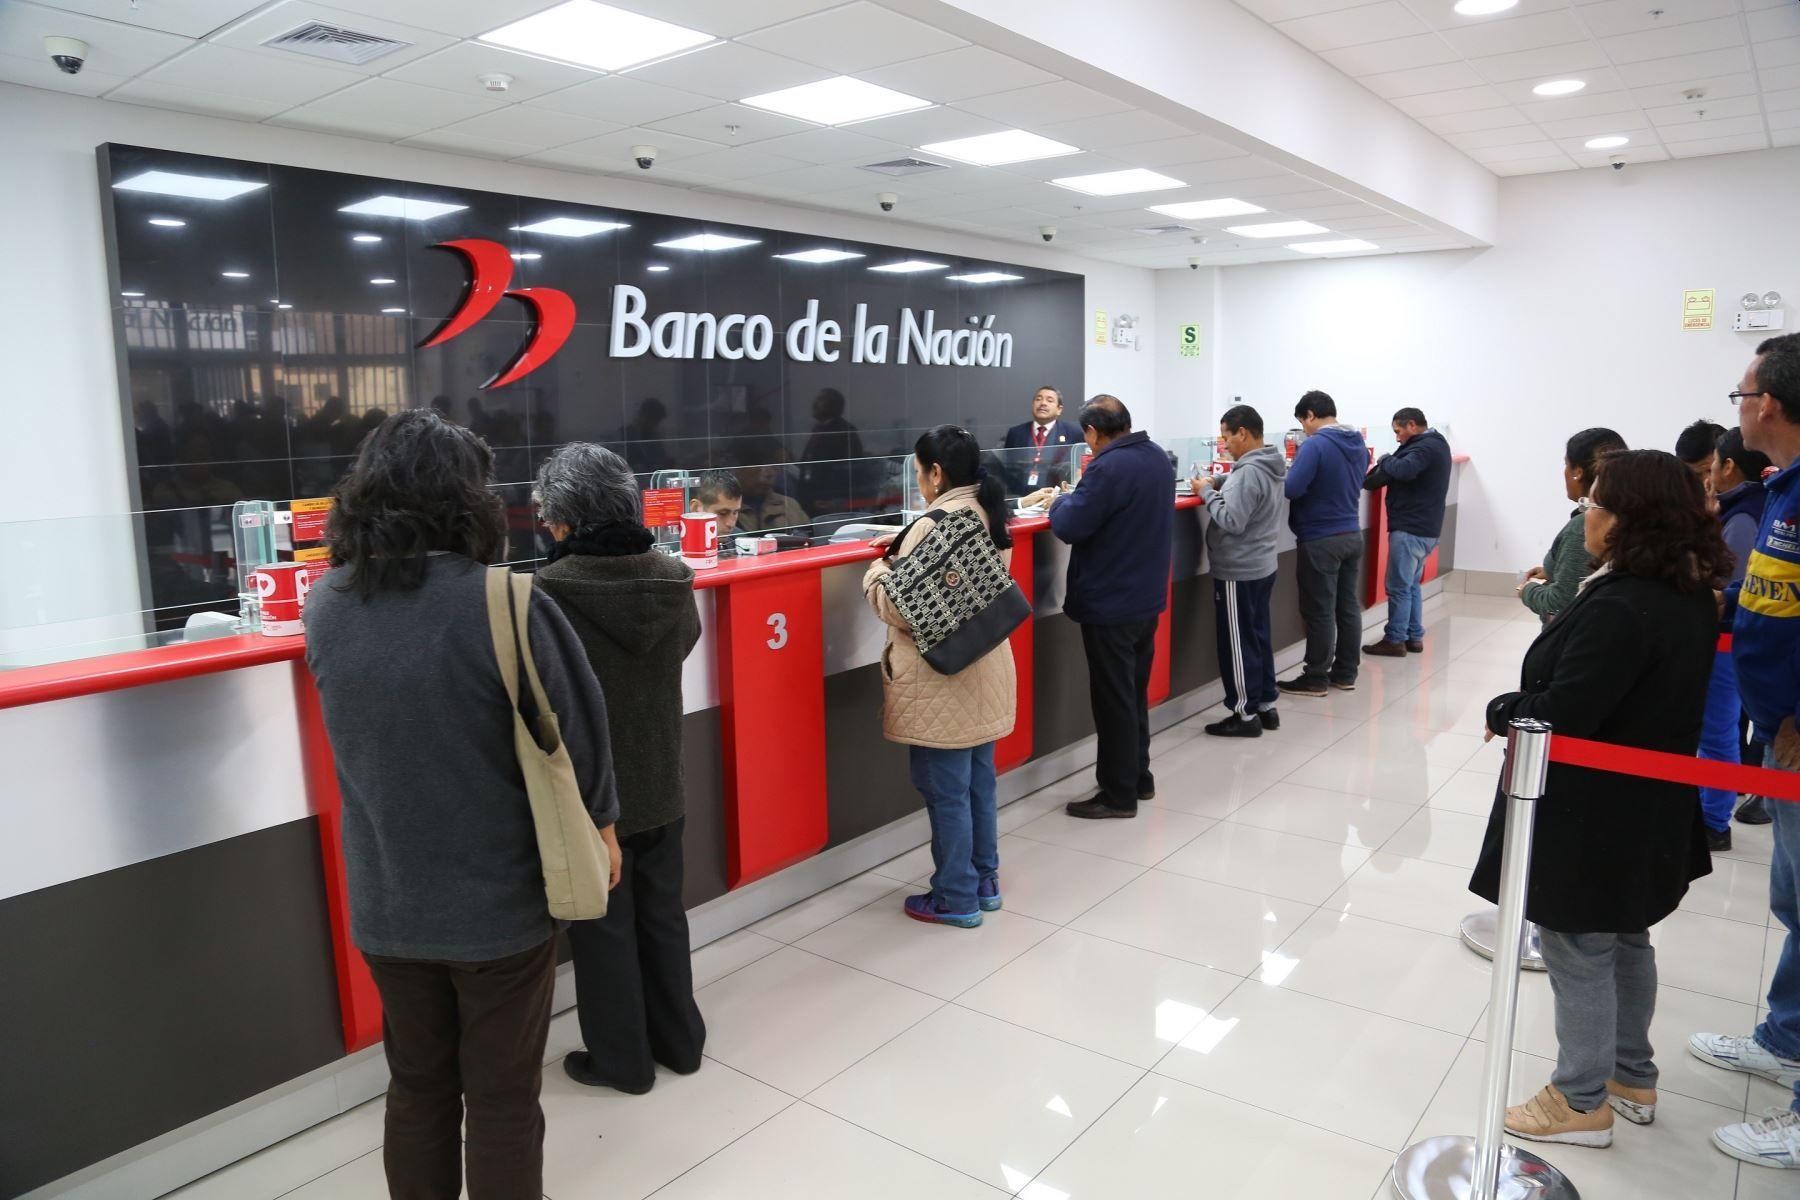 Banco De La Nacion Que Tanta Competencia Podria Hacer A La Banca Privada Mensaje A La Nacion Pedro Castillo Economia El Comercio Peru